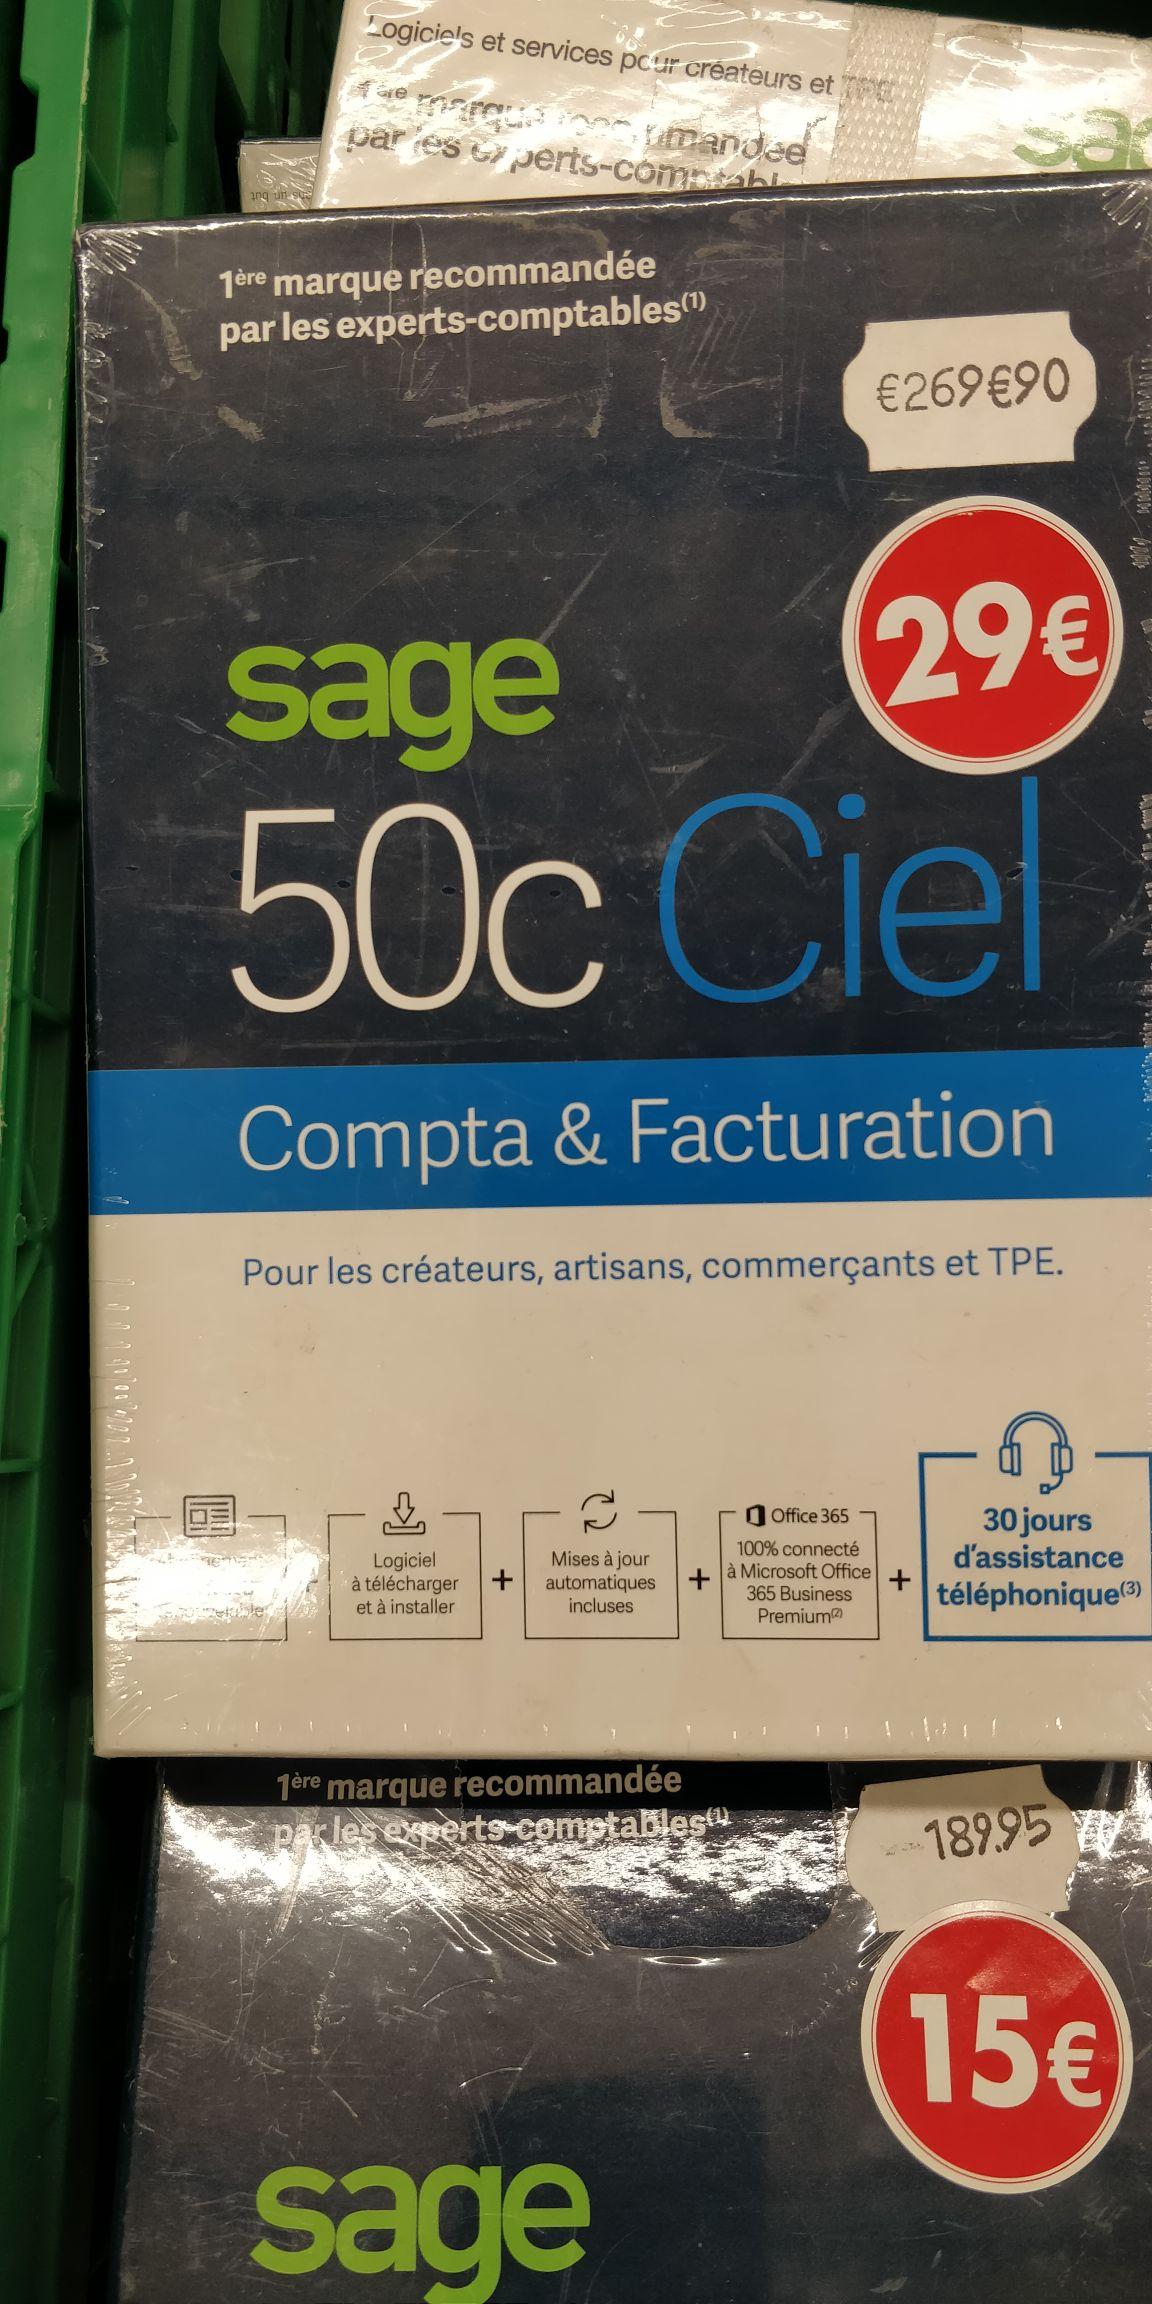 Suite logicielle de comptabilité gestion Sage 50c Ciel - Carrefour Liévin(62)